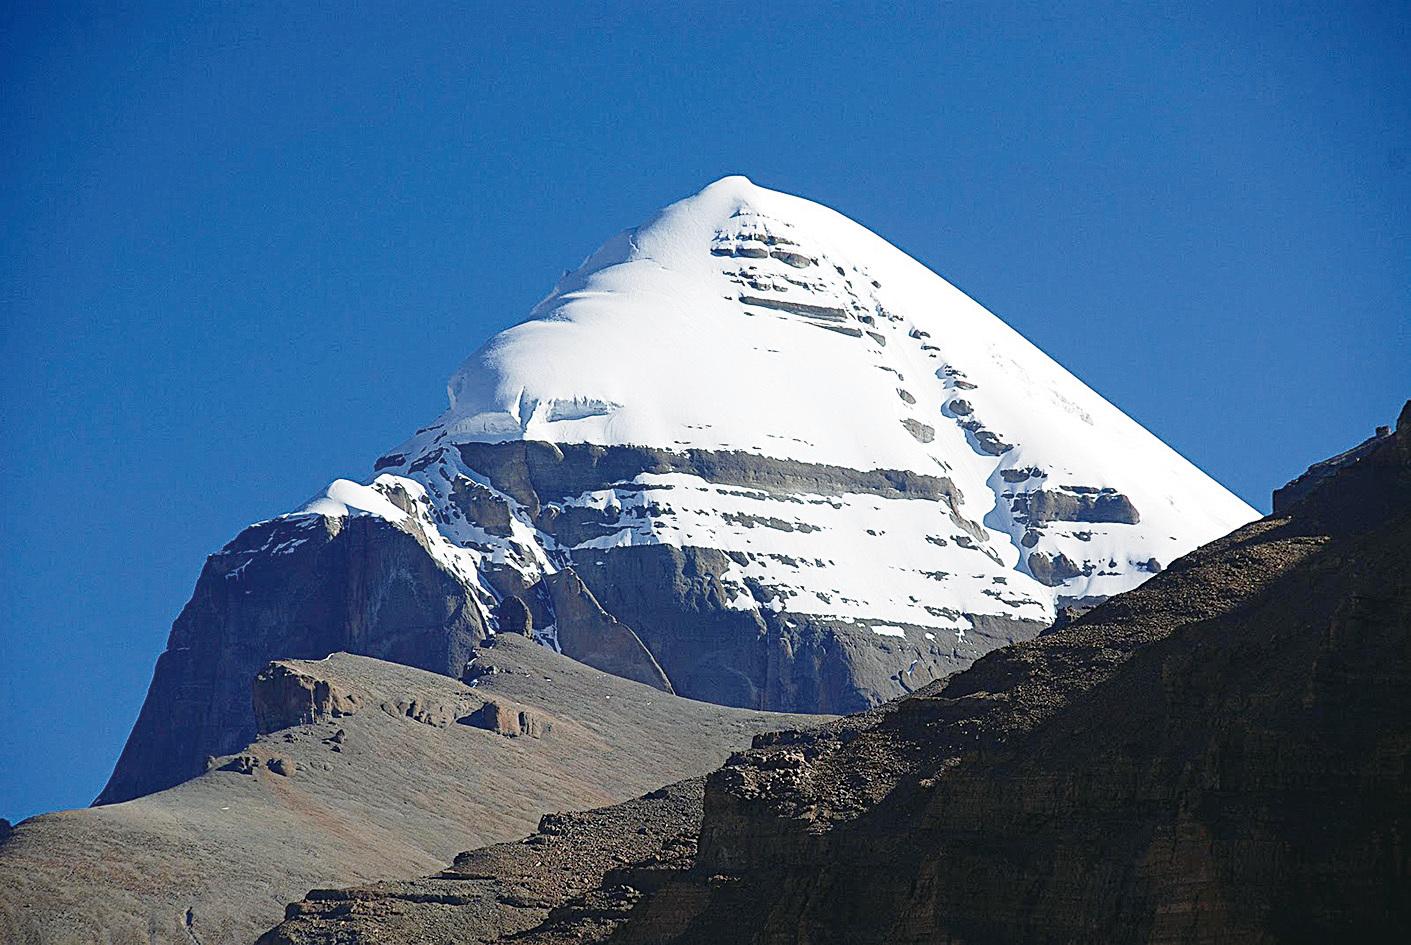 岡仁波齊峰外形確實與金字塔接近,被認為或許是金字塔的原型。(網絡圖片)